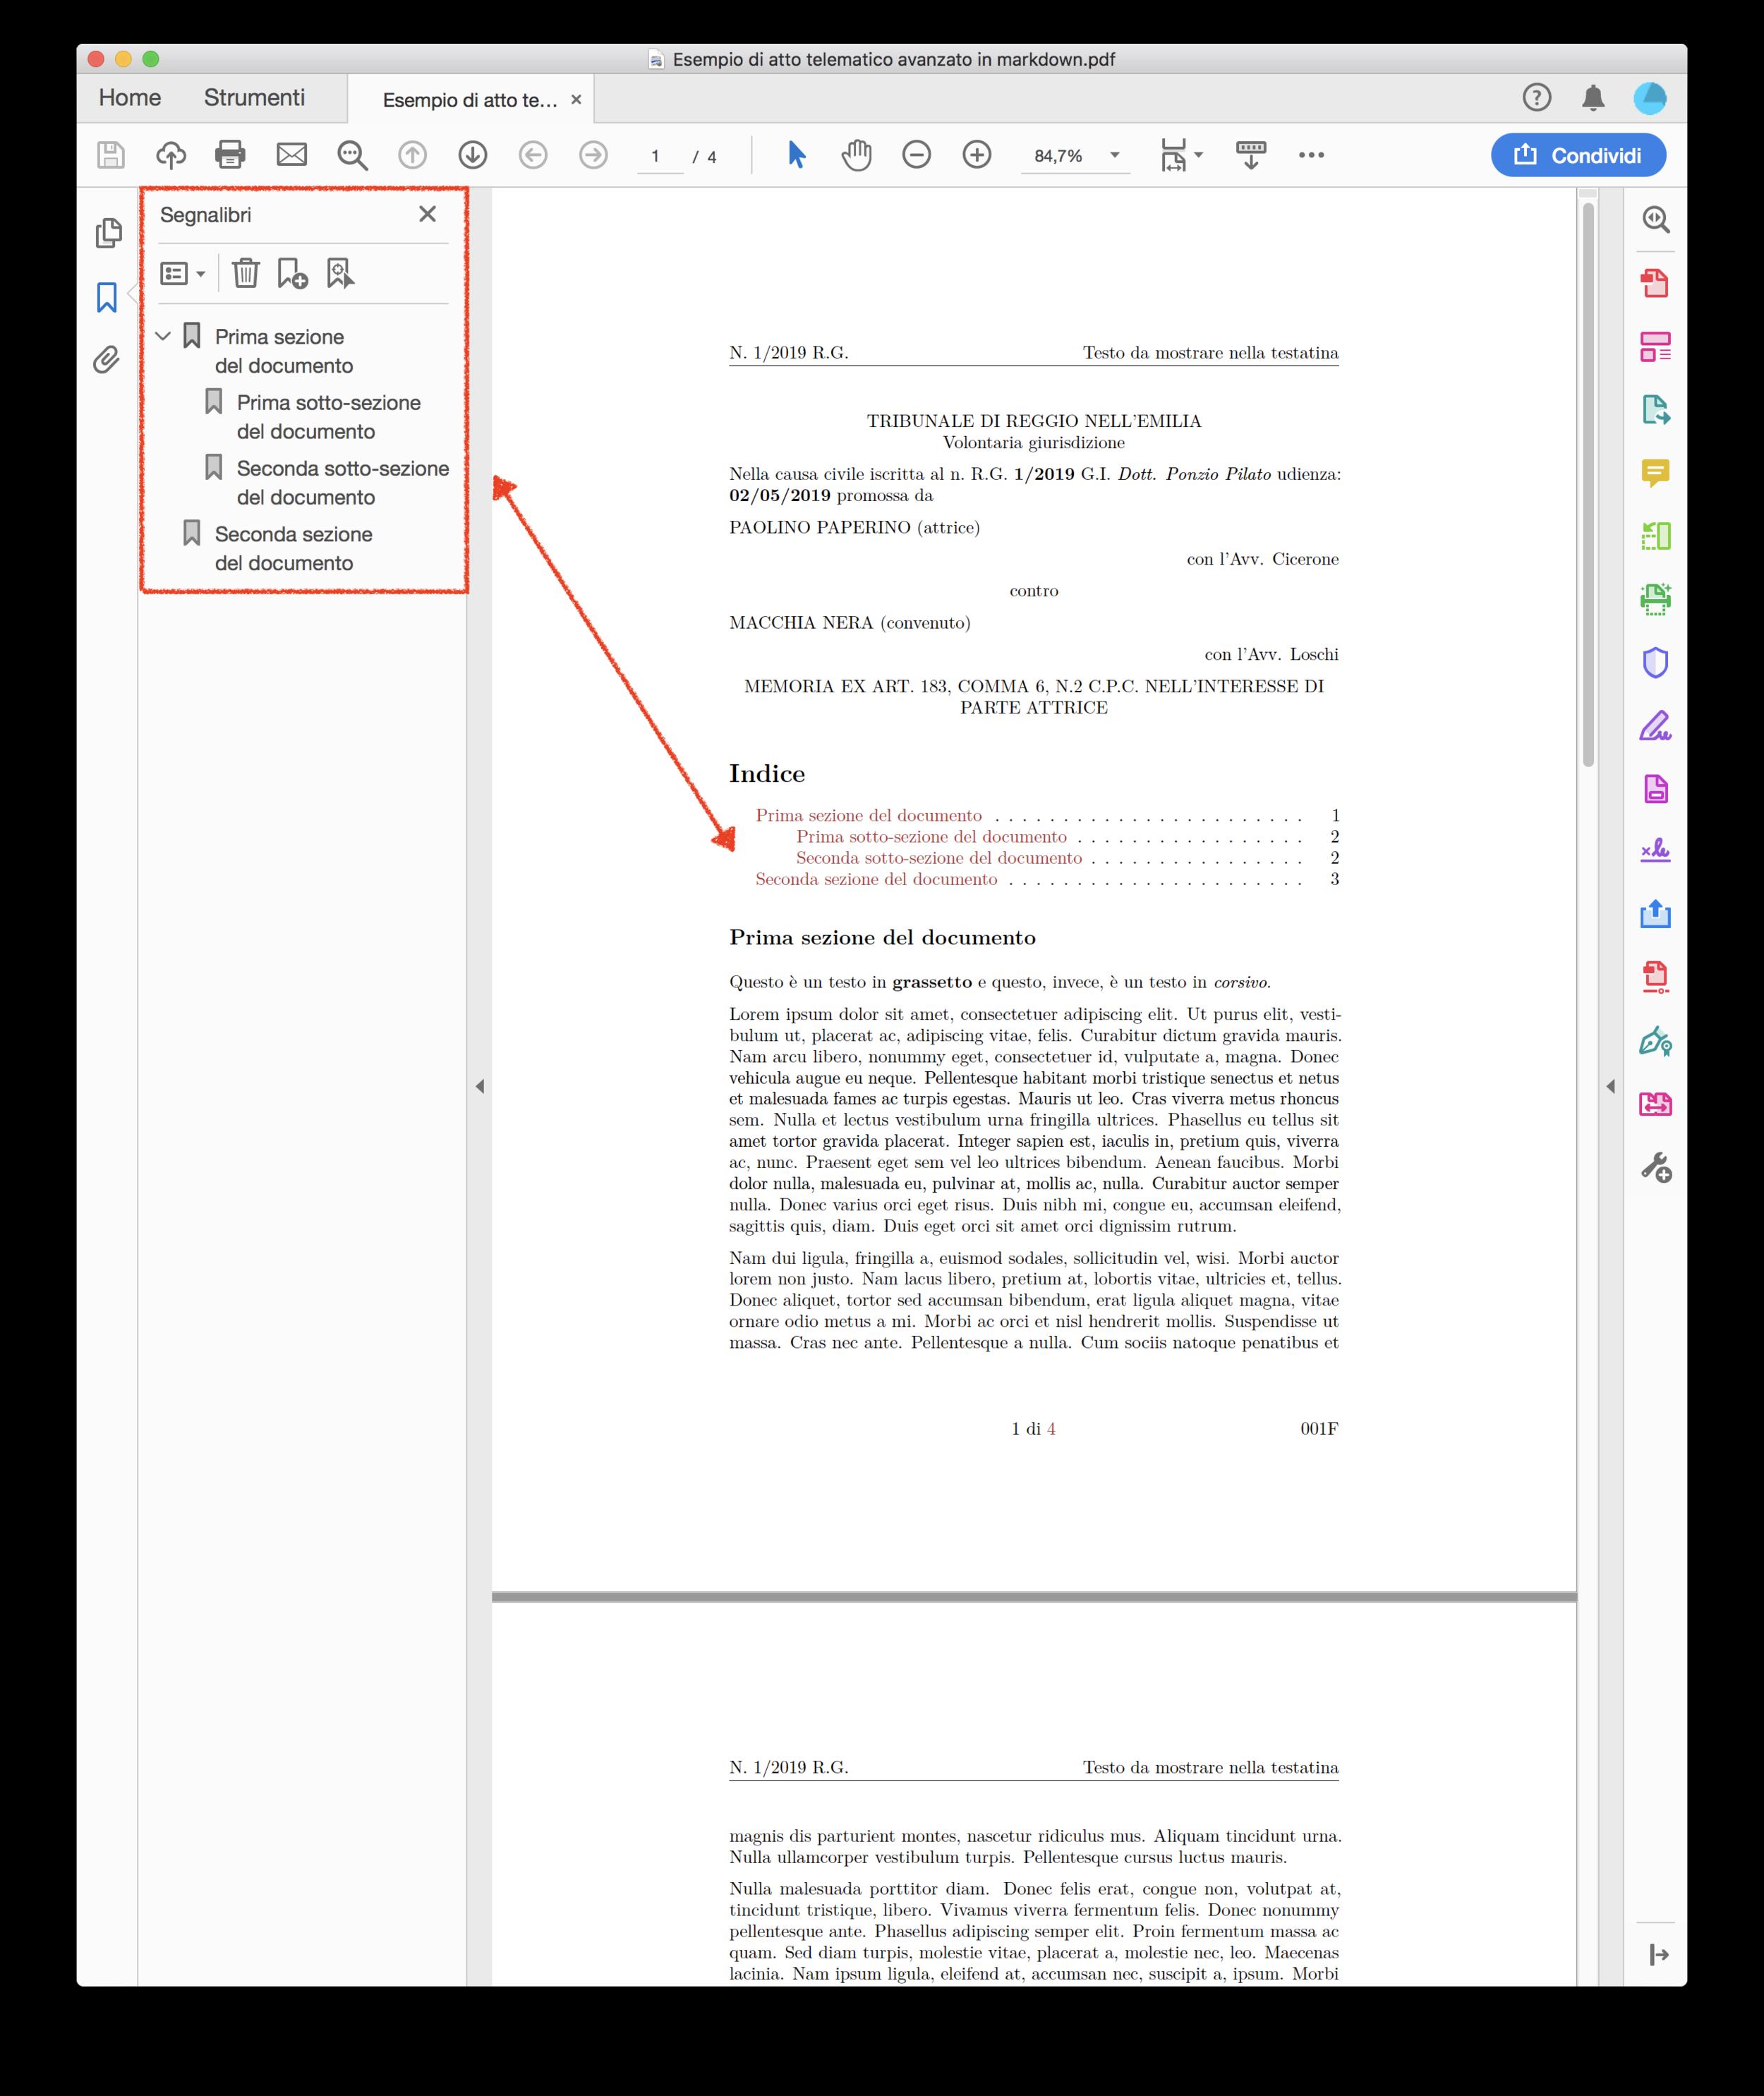 Esempio di indice / elenco segnalibri creato in automatico